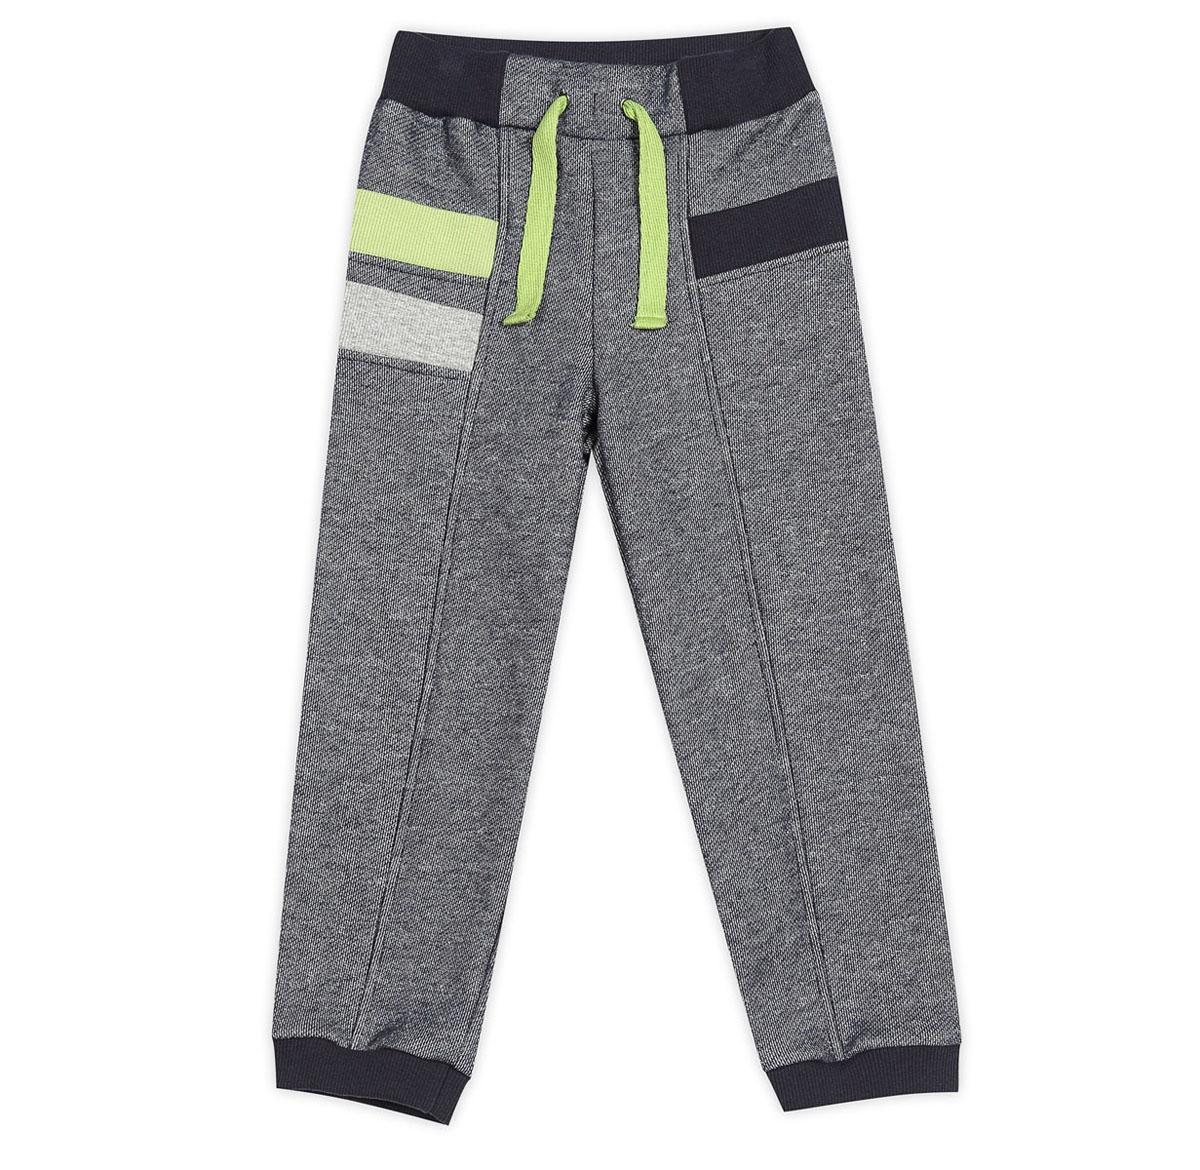 Брюки спортивные для мальчика. 15-30215-302Спортивные брюки для мальчика Ёмаё идеально подойдут вашему маленькому моднику для отдыха, прогулок и занятий спортом. Изготовленные из натурального хлопка, они мягкие и приятные на ощупь, не сковывают движения и хорошо пропускают воздух, не раздражают нежную кожу ребенка. Лицевая сторона изделия гладкая, а изнаночная - с небольшими петельками. Модель имеет на поясе широкую эластичную резинку, благодаря чему брюки не сдавливают животик ребенка. Низ брючин дополнен трикотажными манжетами. Брюки оформлены вставками контрастного цвета. Современный дизайн и расцветка делают эти брюки ярким и стильным предметом детского гардероба. В них ваш ребенок всегда будет в центре внимания!